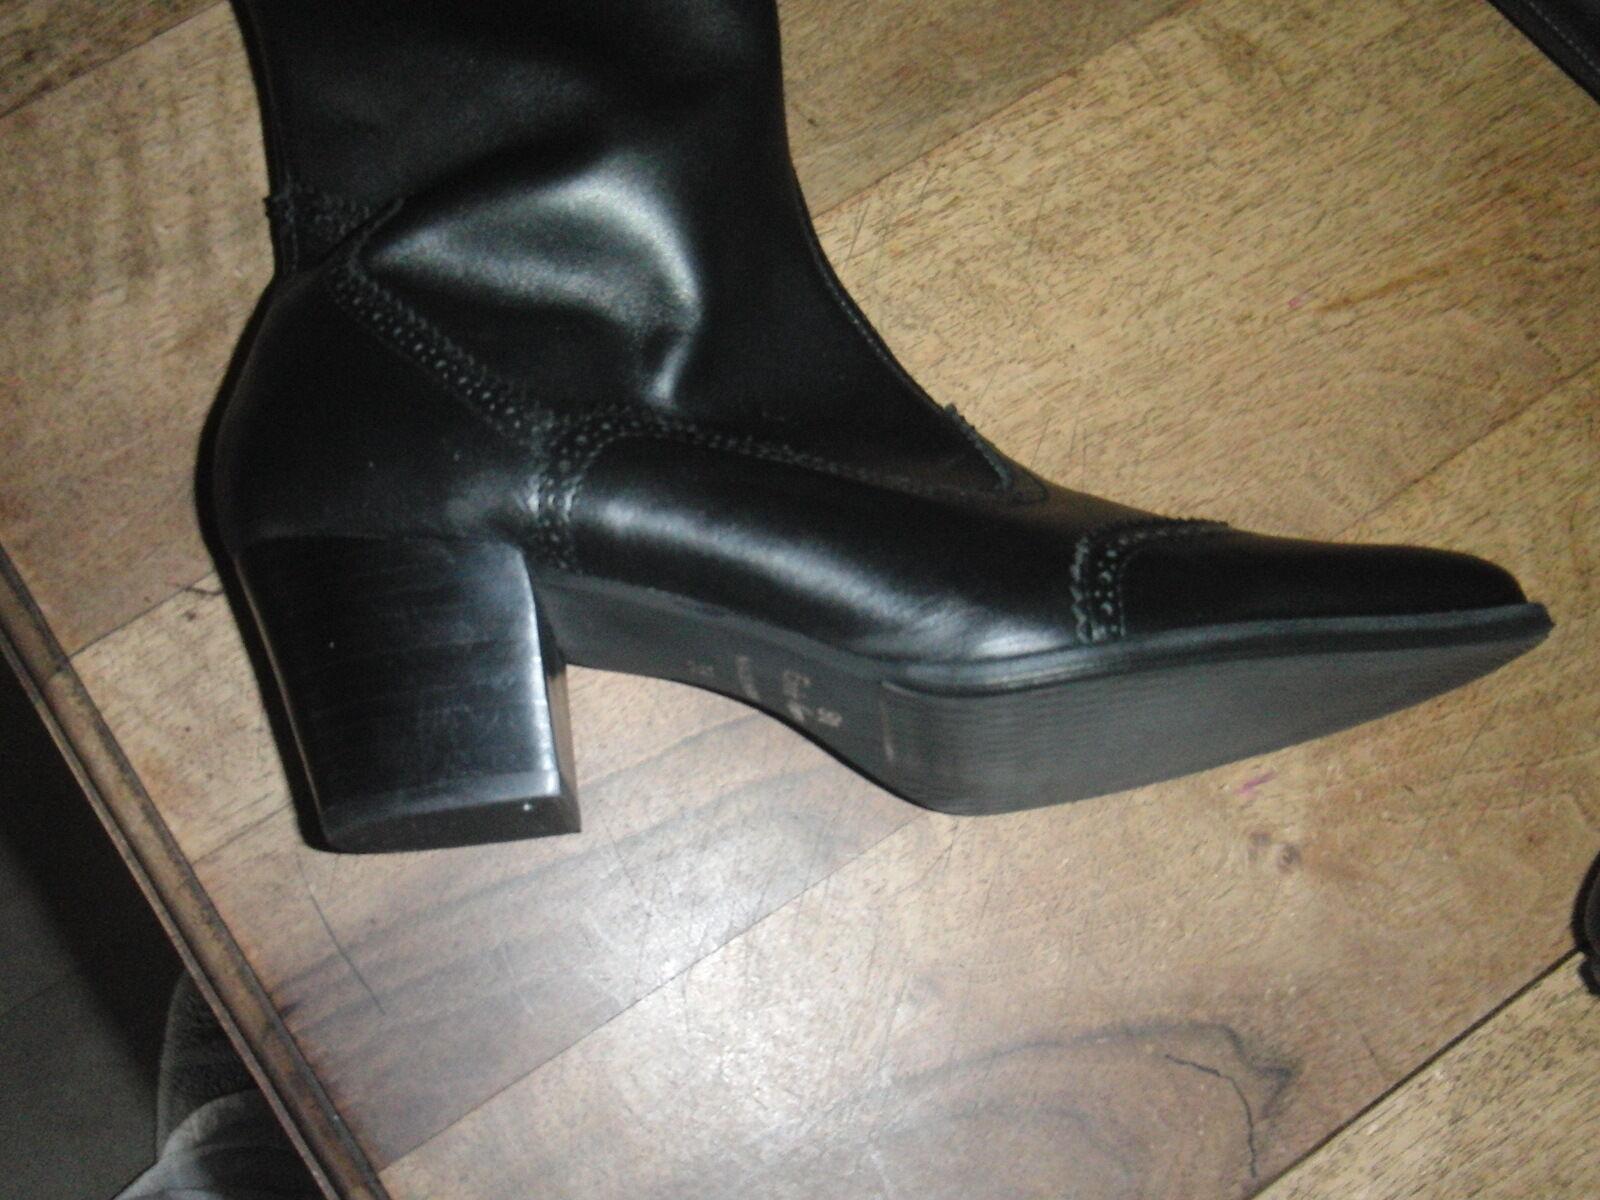 NAVARRO stivali di pelle nero NUOVE 220E Tacco 5cm Valore 220E NUOVE Numeri 39 130462